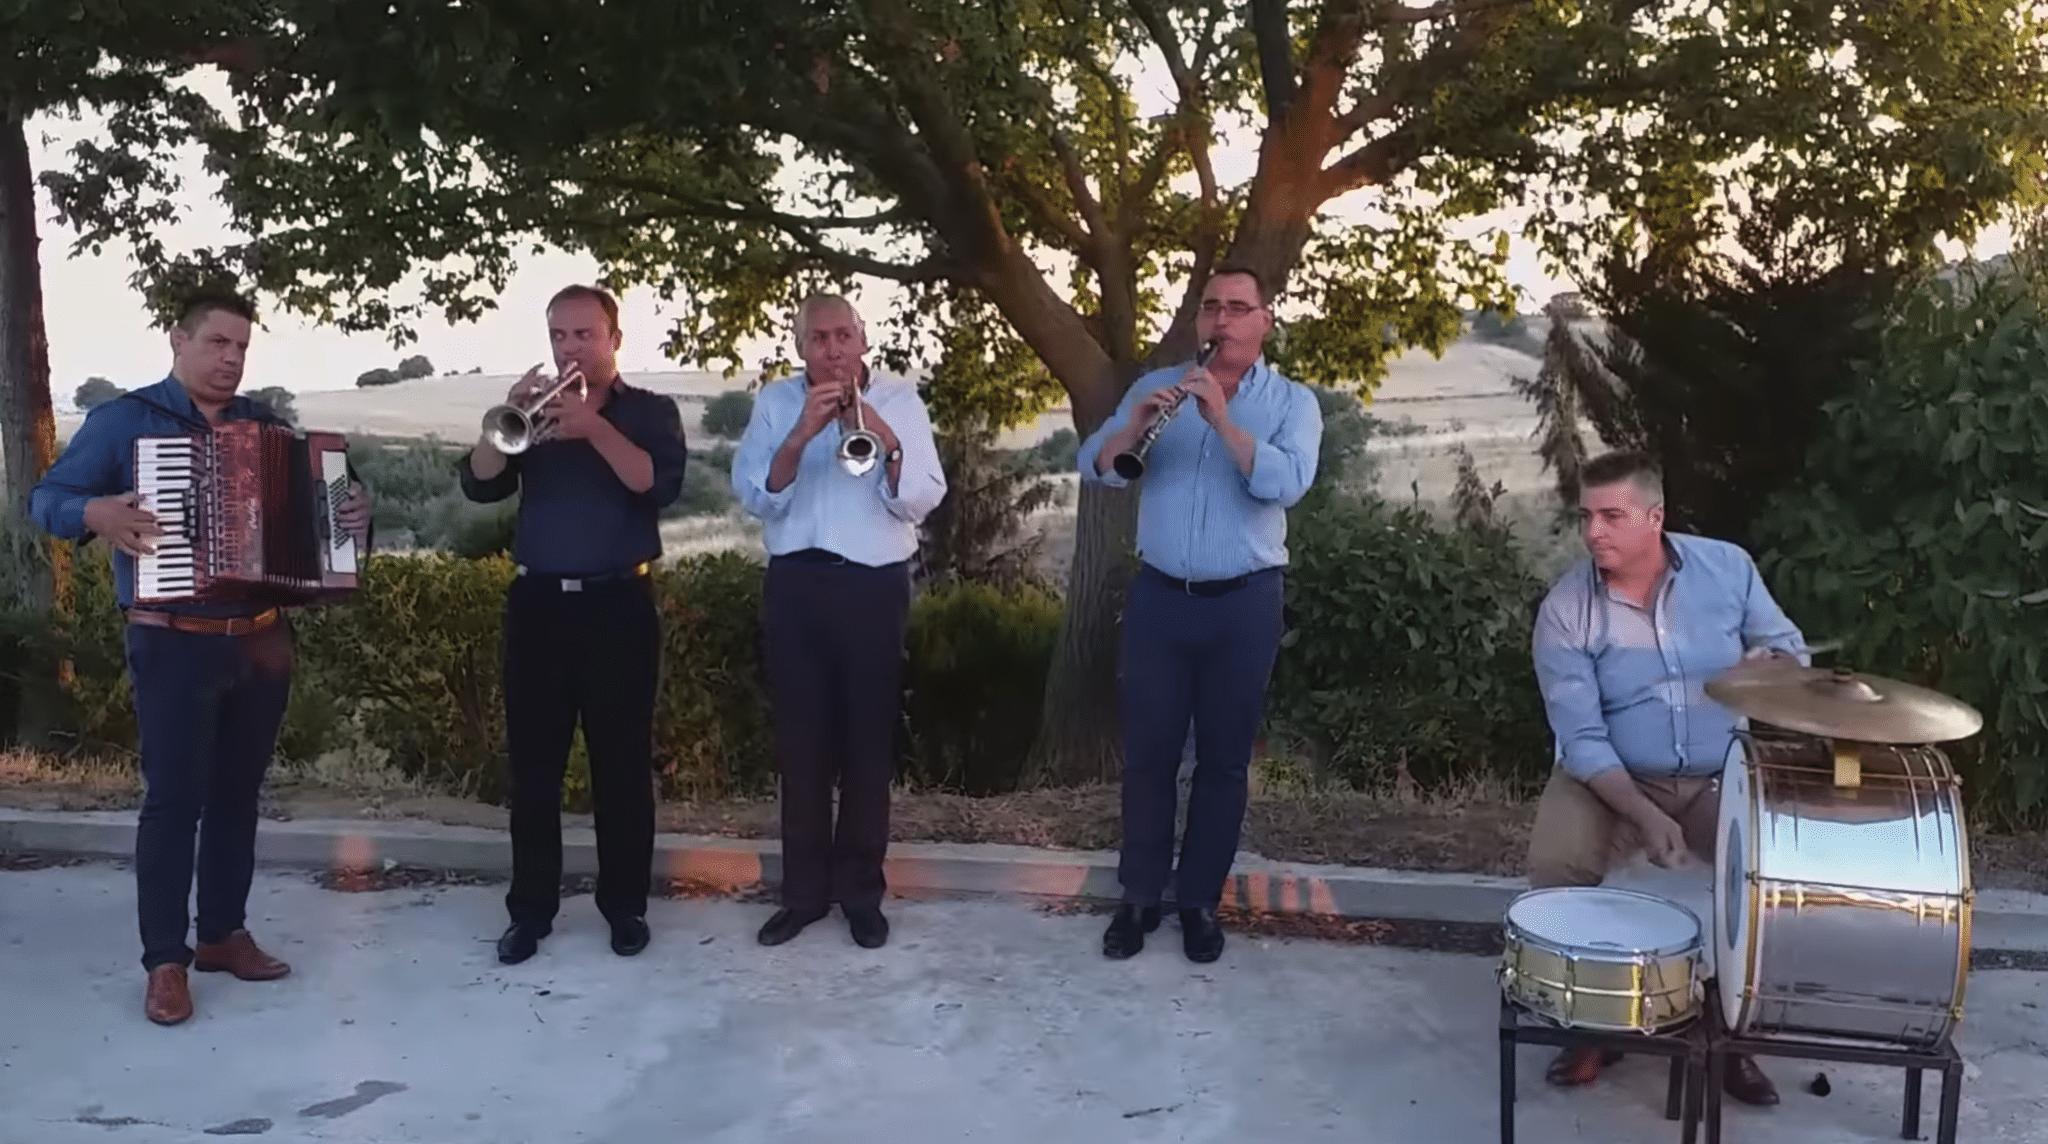 Dimitris Parasxos band